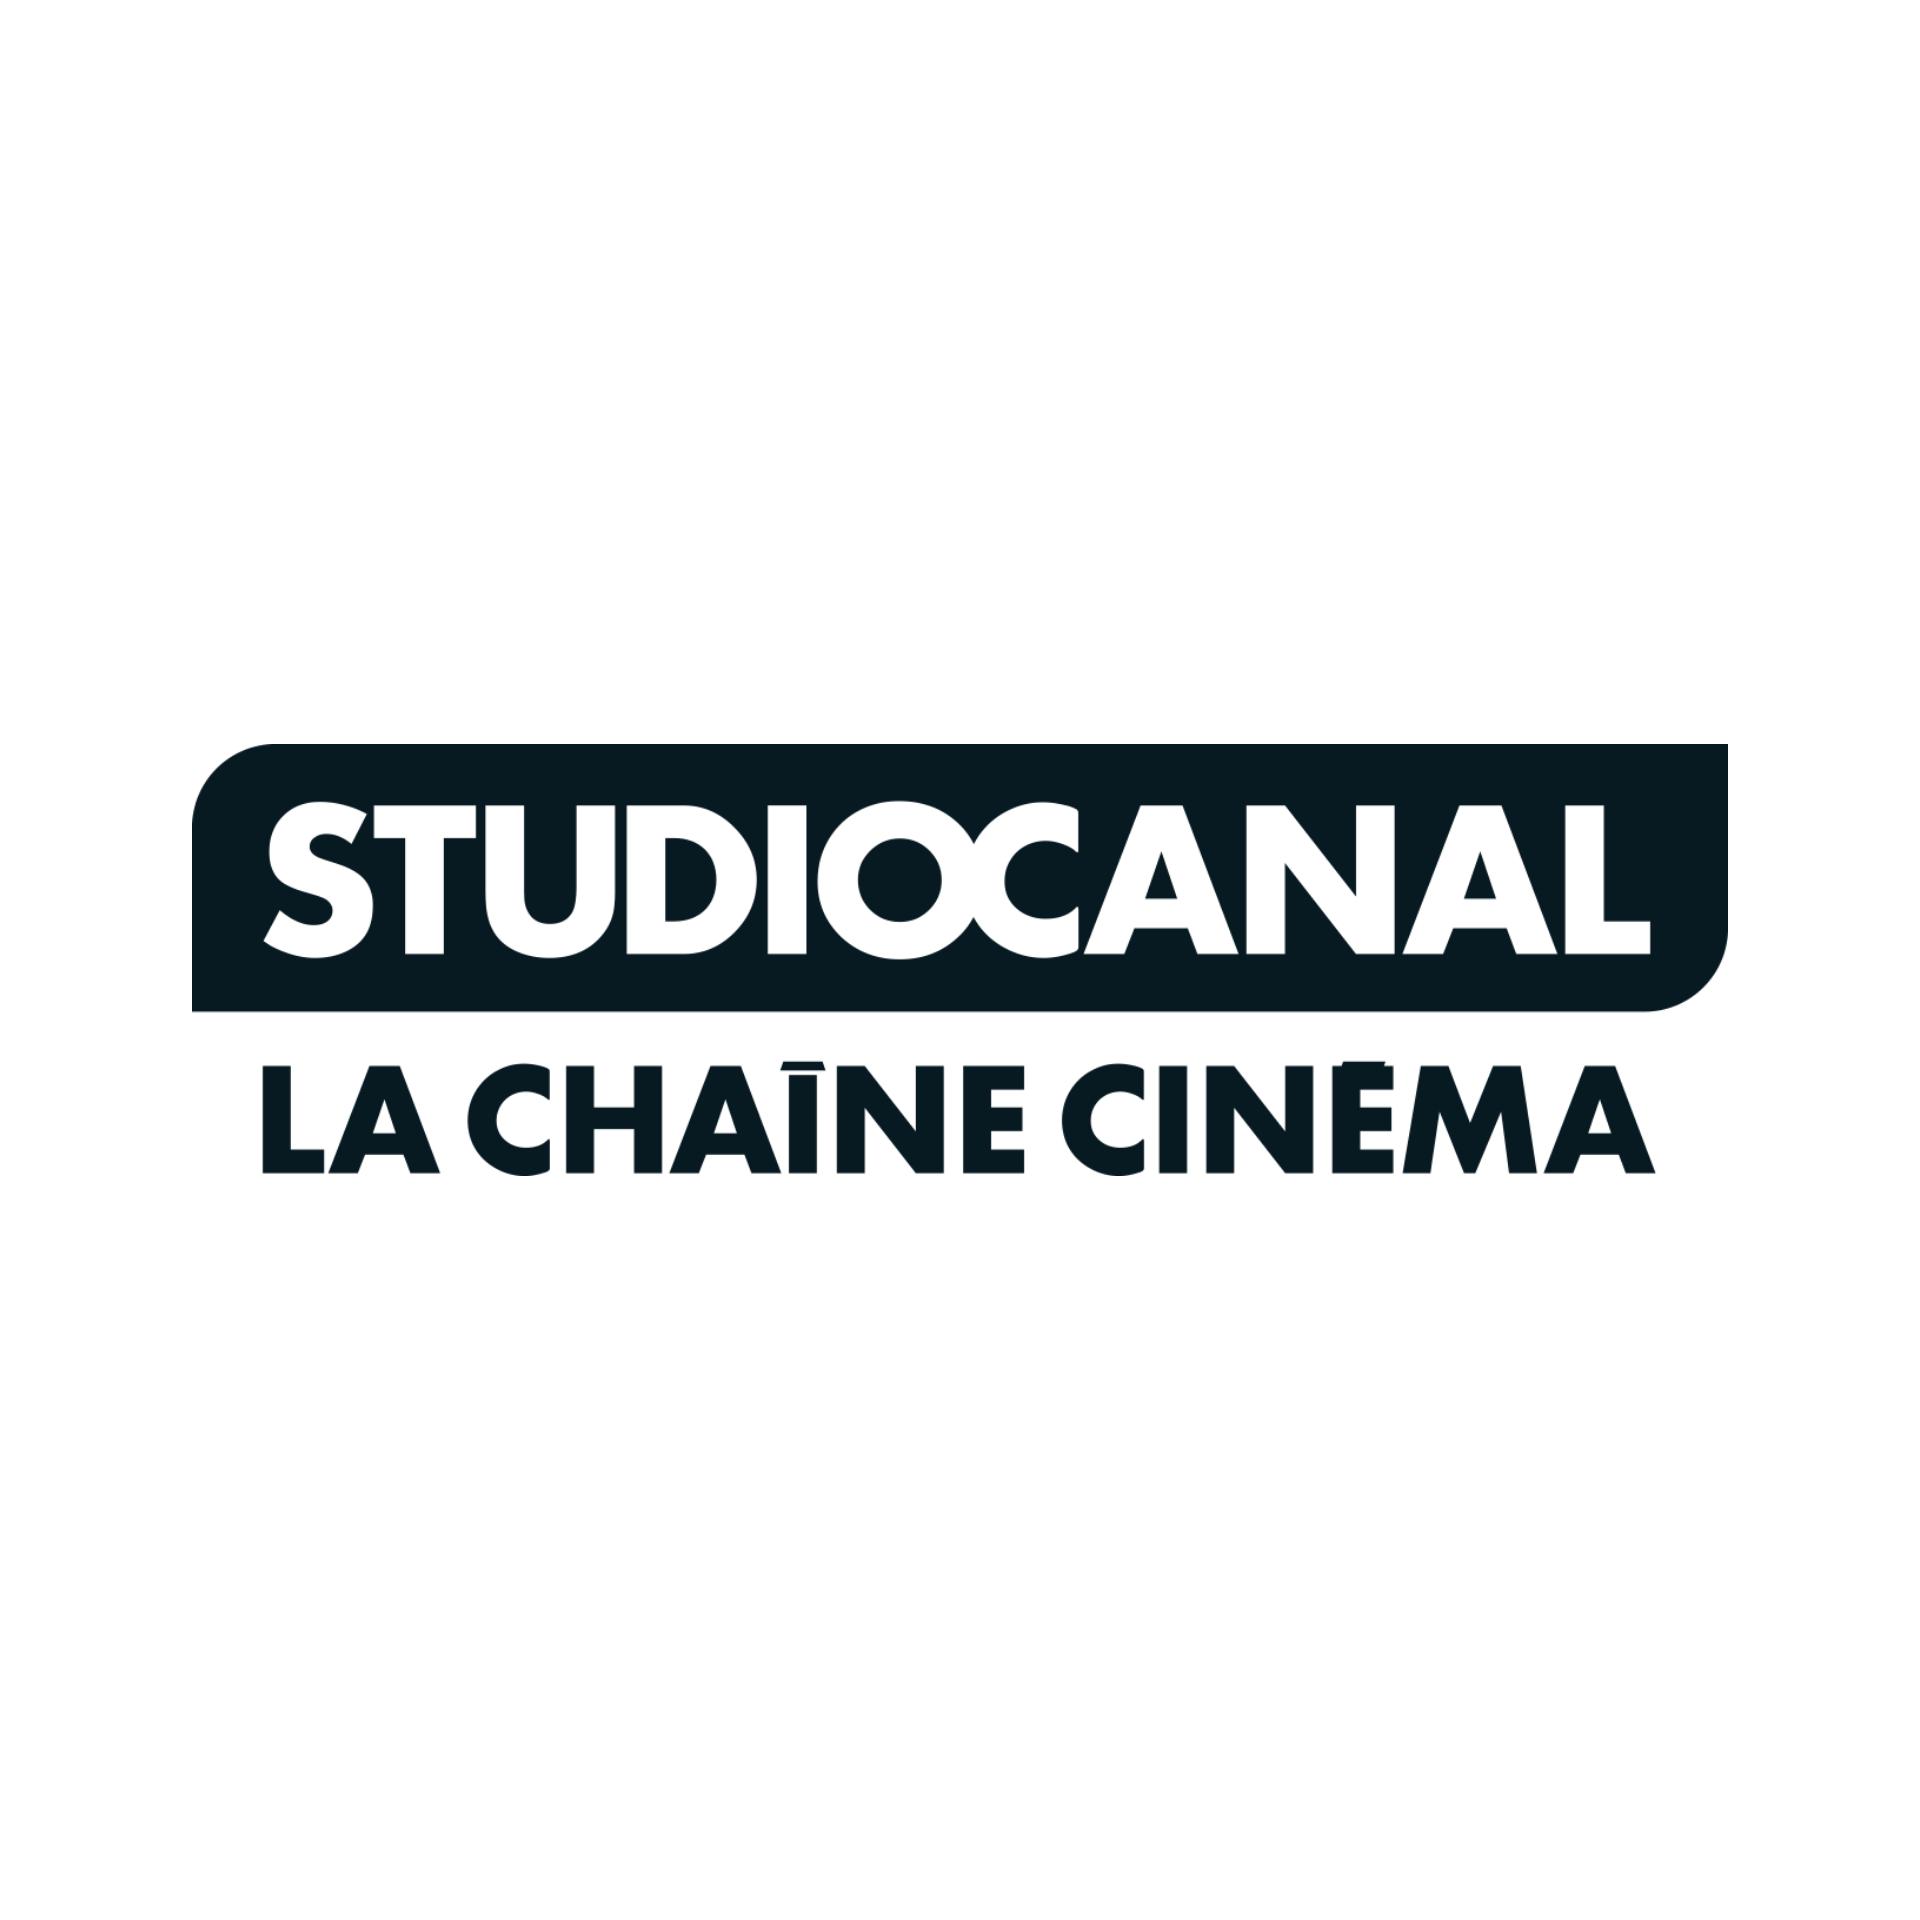 Studio canal la chaine cinema